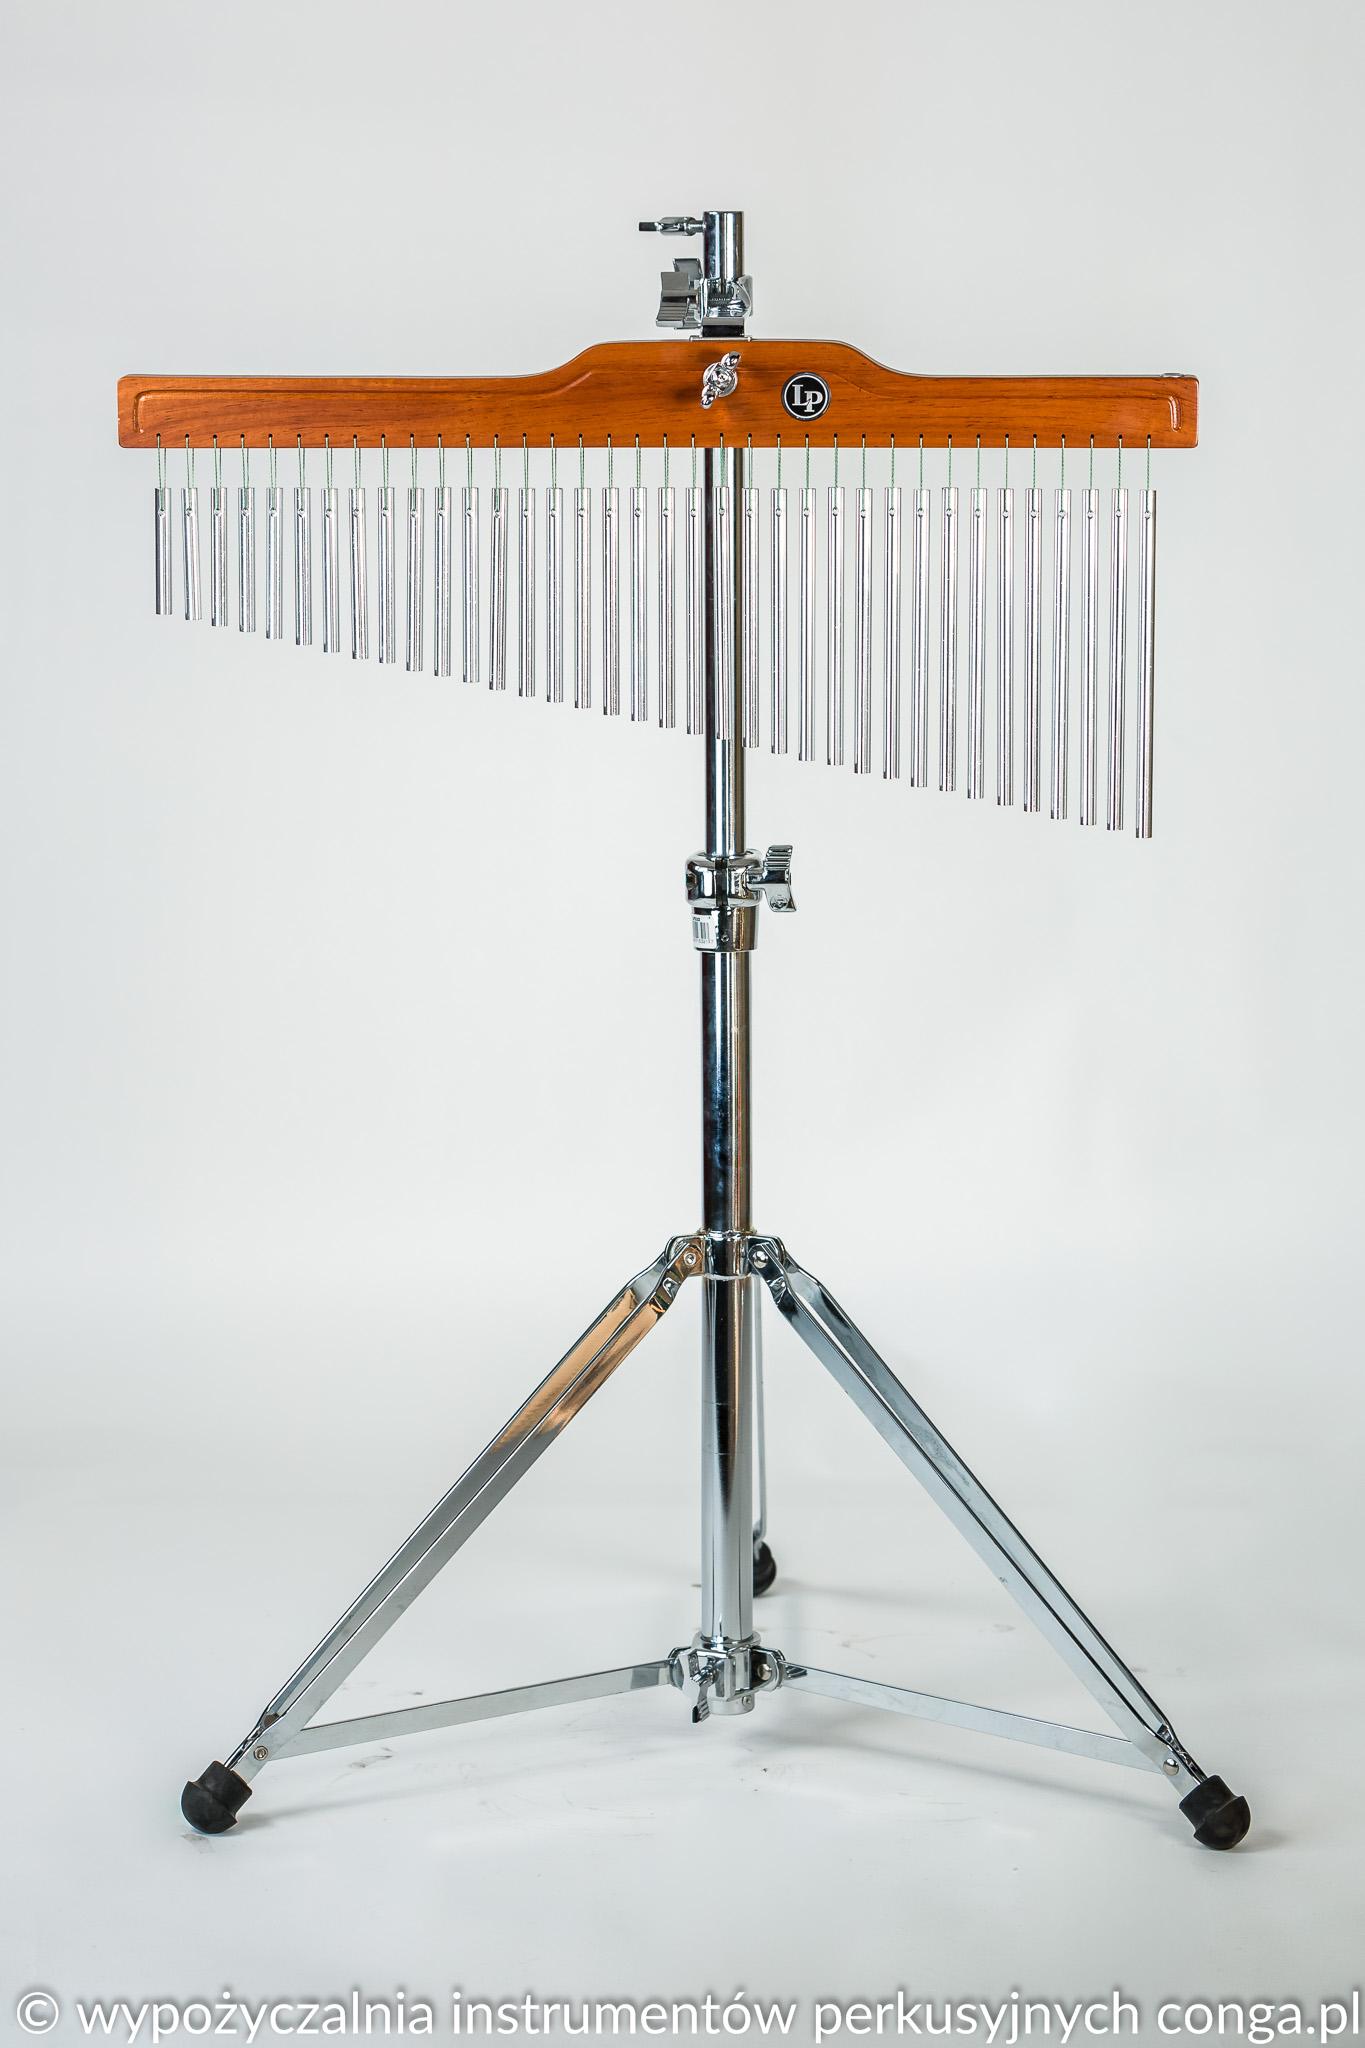 LP511C-Concert-Series-Single-Row-36-Bars-wypożyczalnia-instrumentów-perkusyjnych-congapl.CR2-0057.jpg